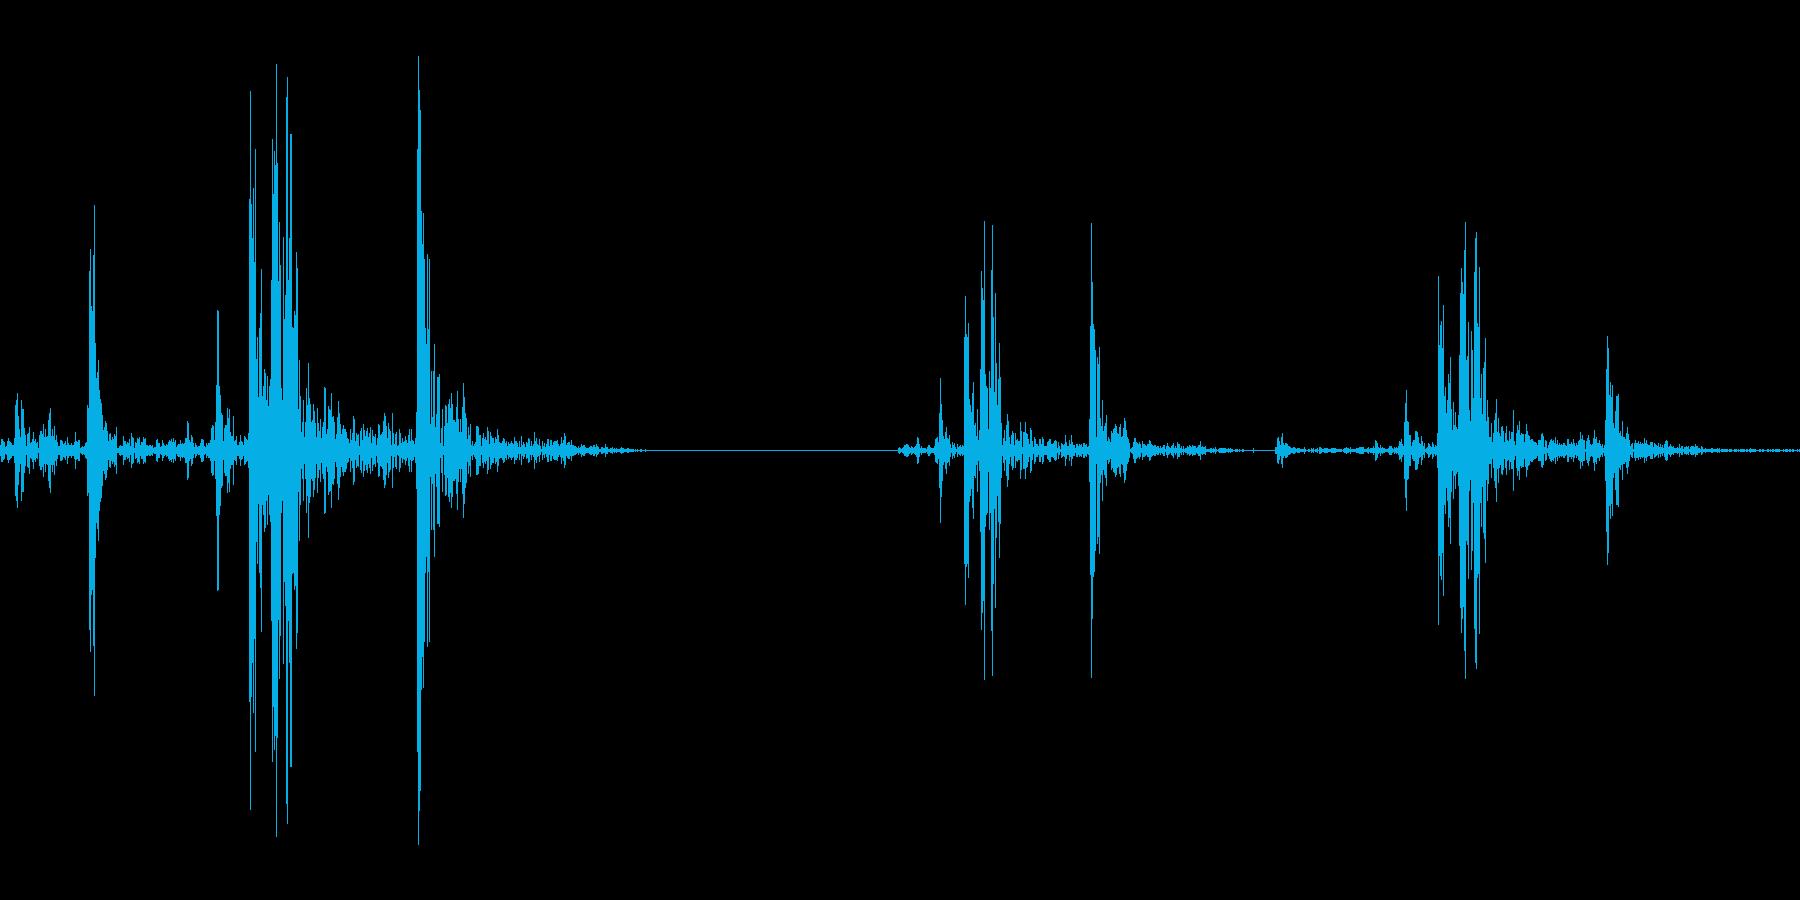 汎用的なシステム音(カシャカシャの再生済みの波形